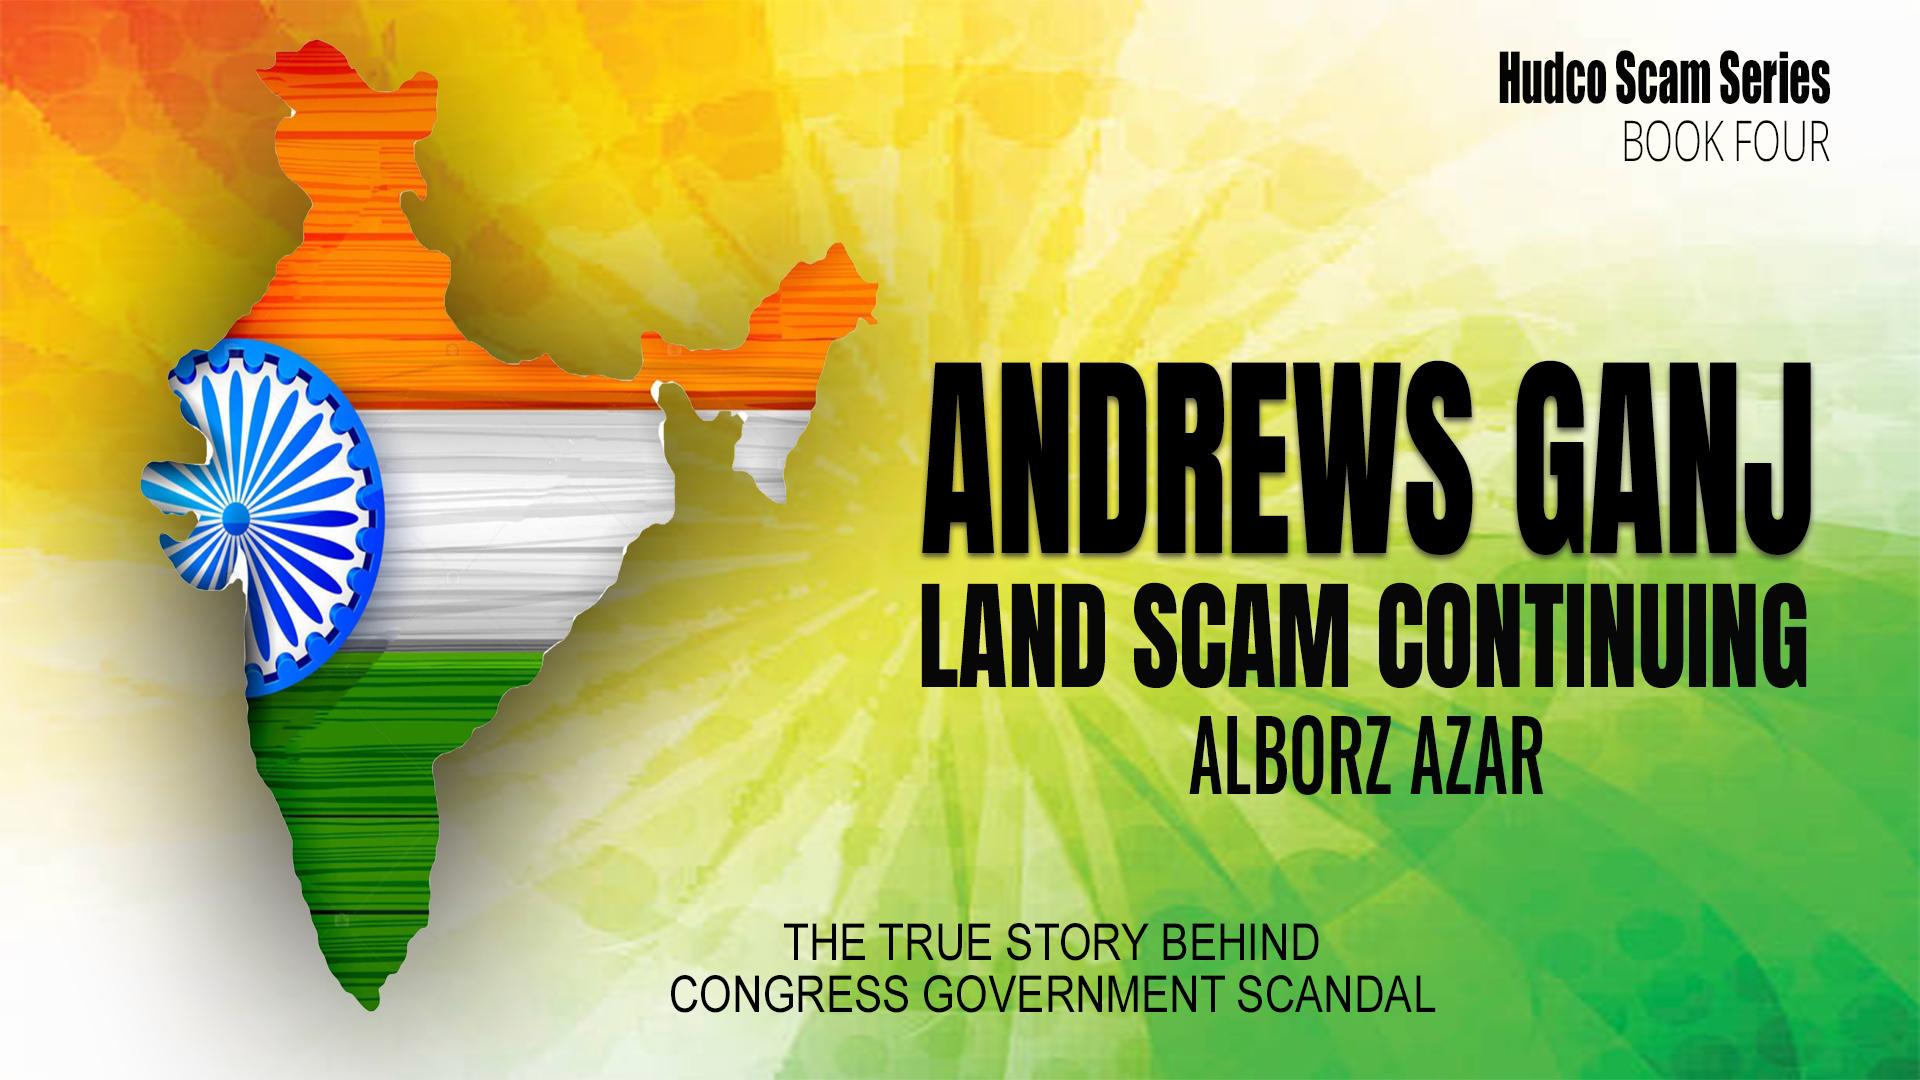 HUDCO PLACE ANDREWS GANJ LAND SCAM Banner 4